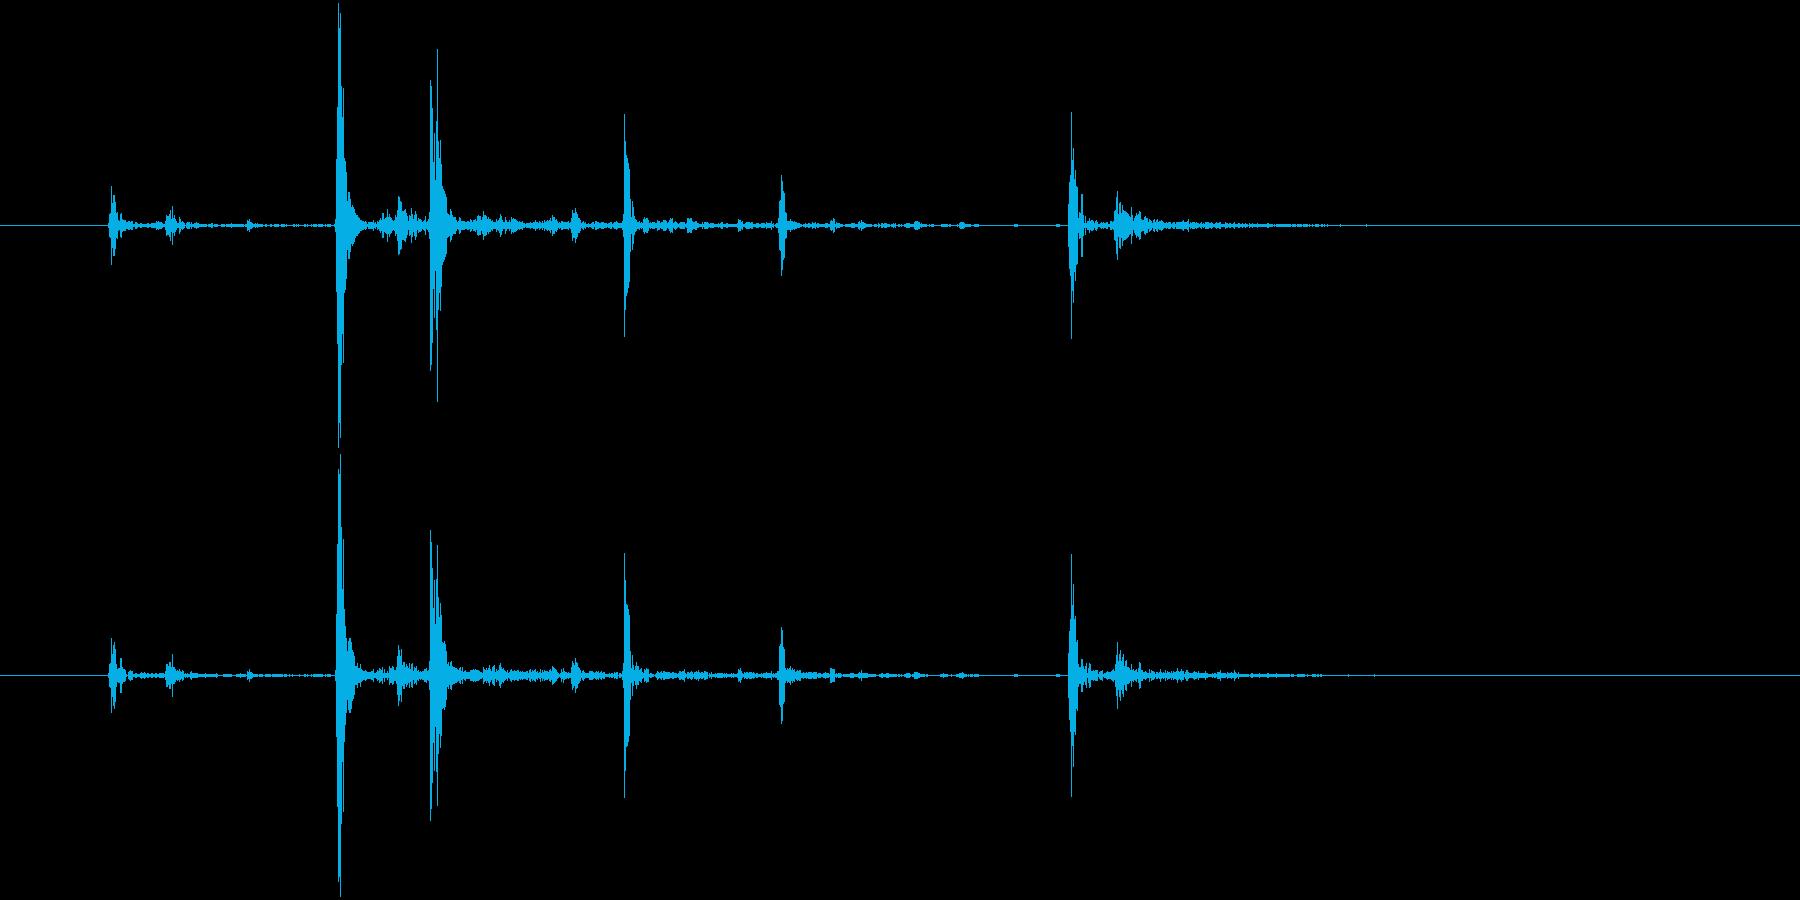 Anime 指の関節を鳴らす音 2の再生済みの波形